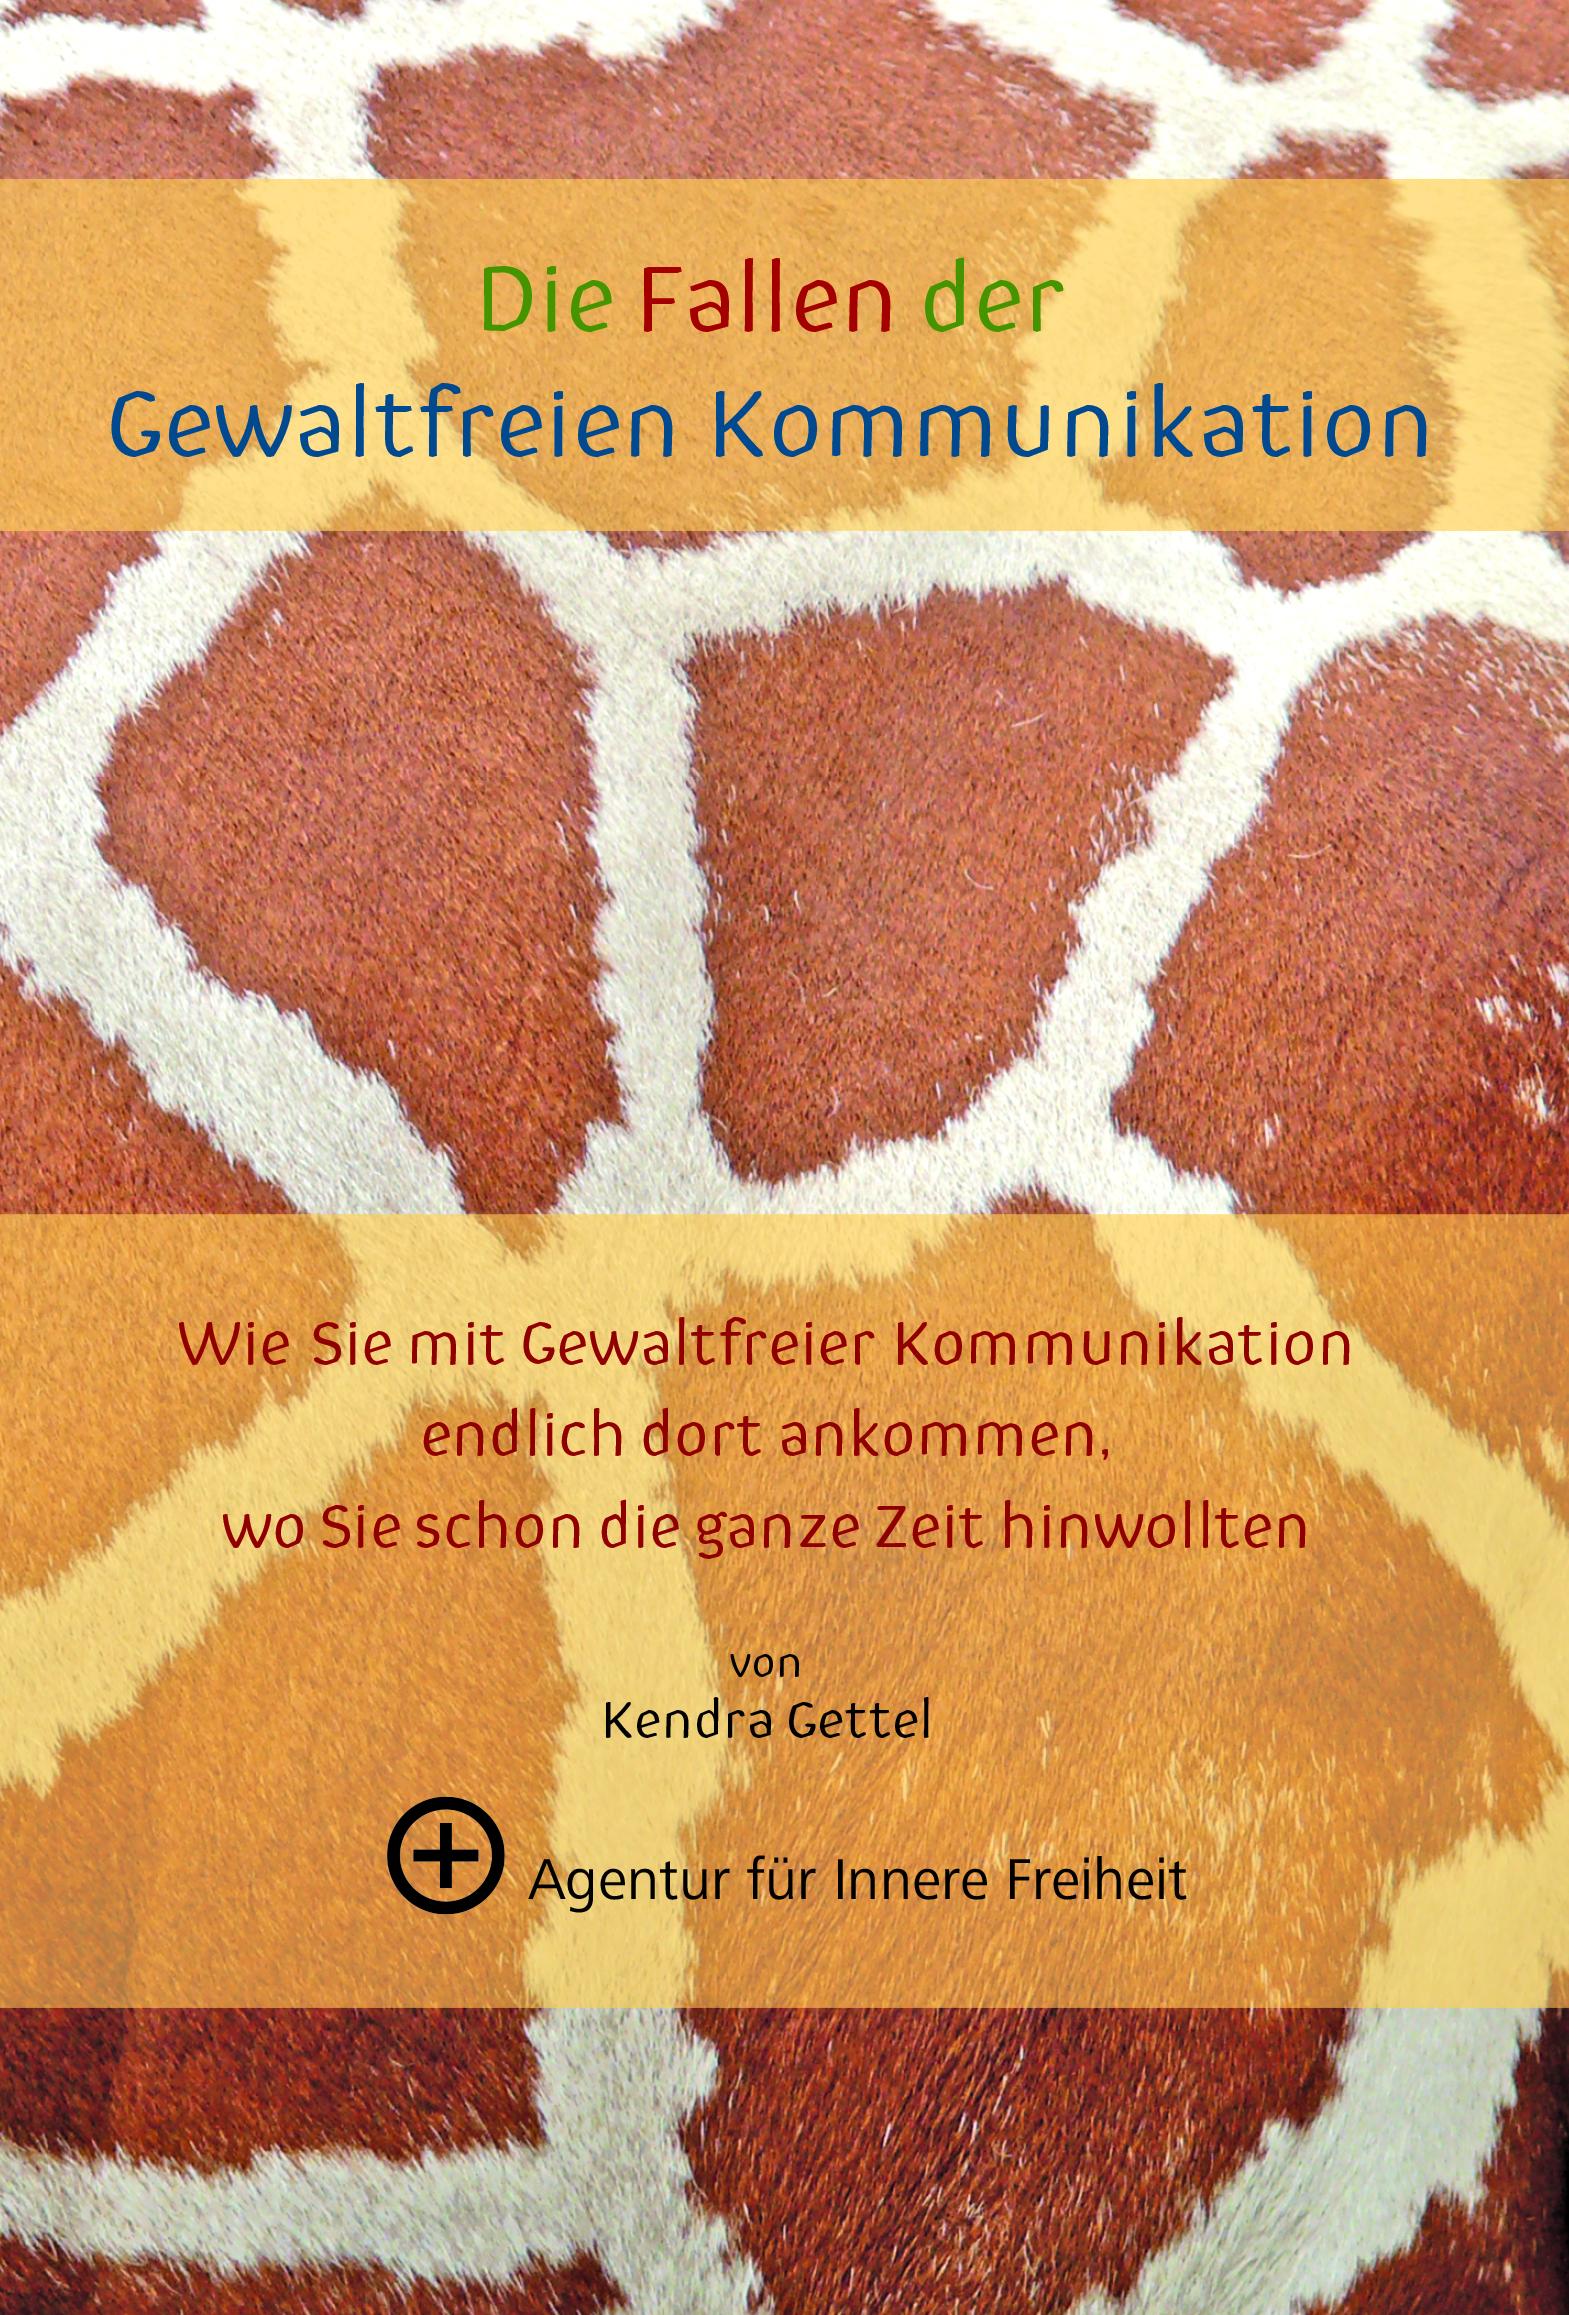 """Printausgabe """"Die Fallen der Gewaltfreien Kommunikation"""""""